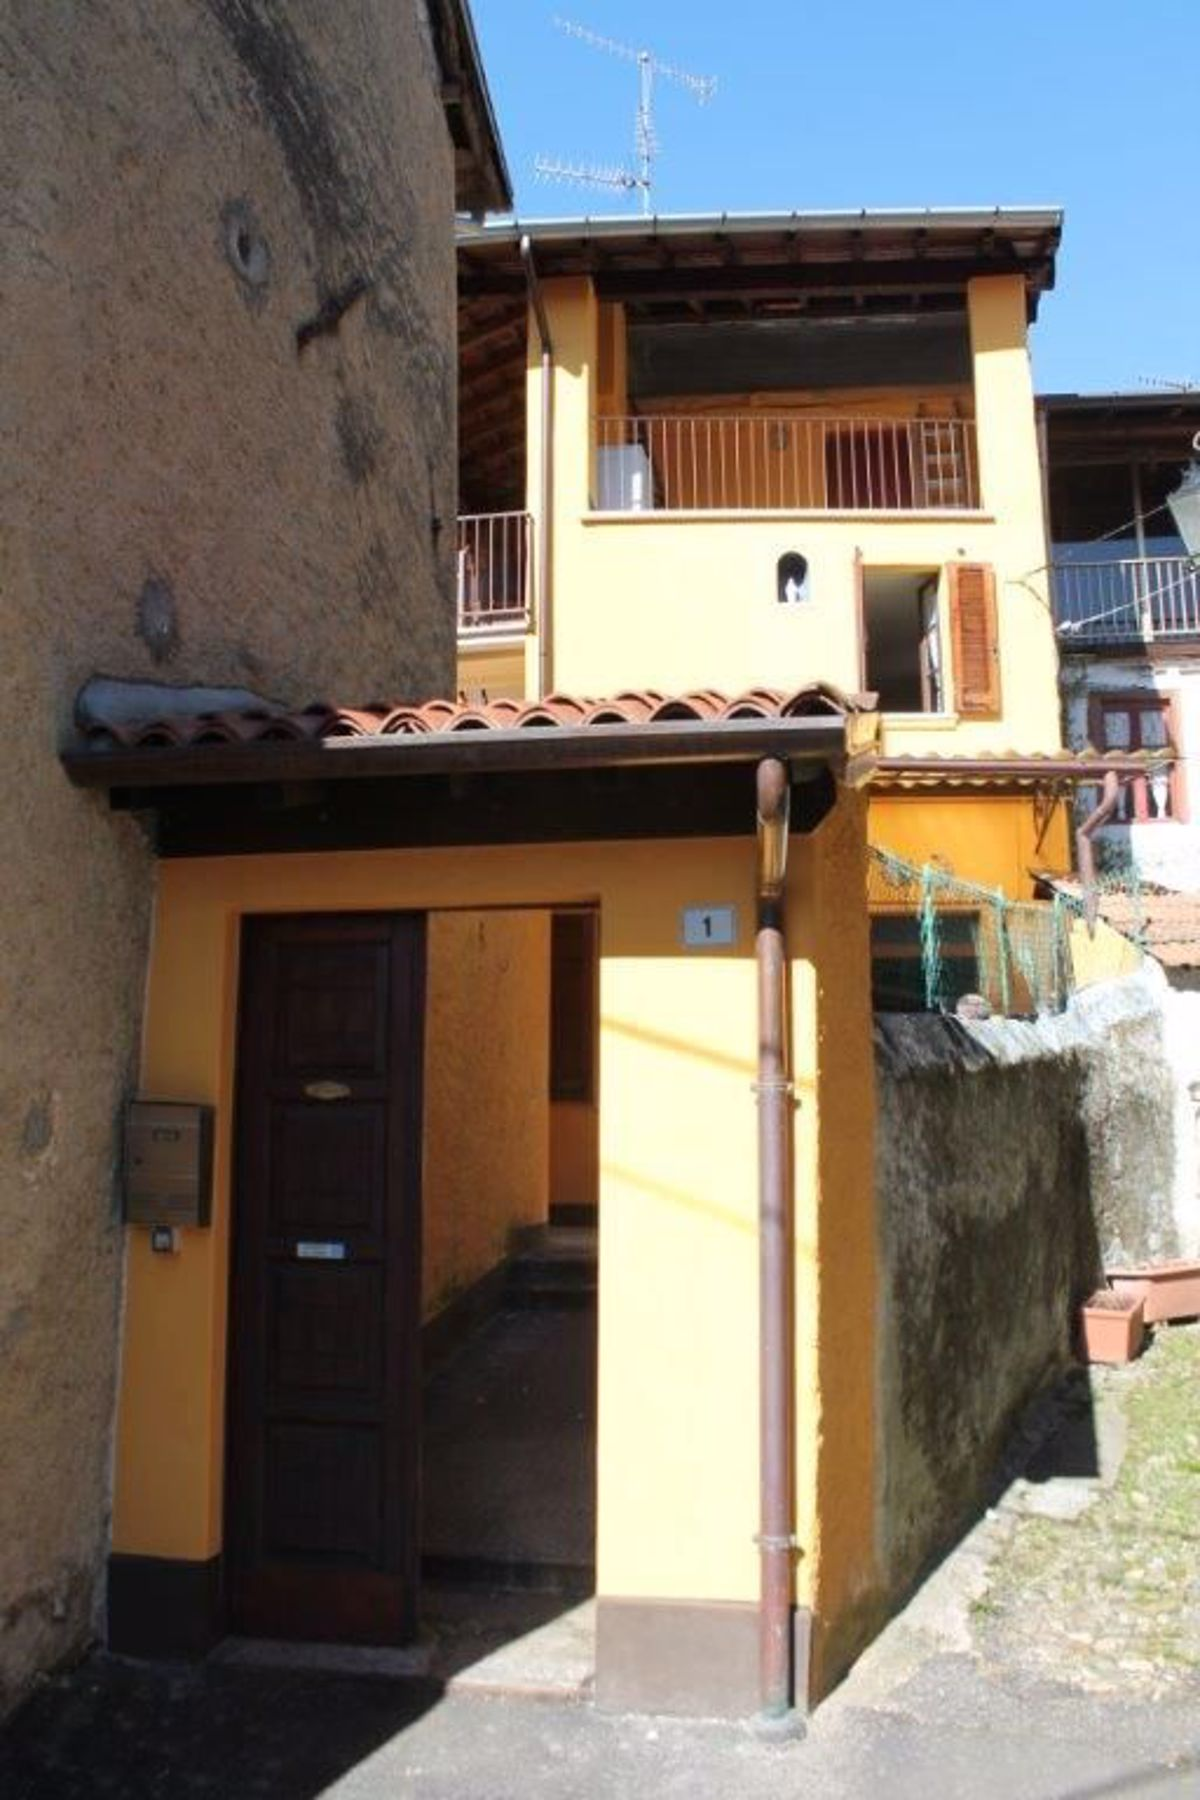 Soluzione Indipendente in vendita a Montegrino Valtravaglia, 5 locali, prezzo € 40.000 | CambioCasa.it